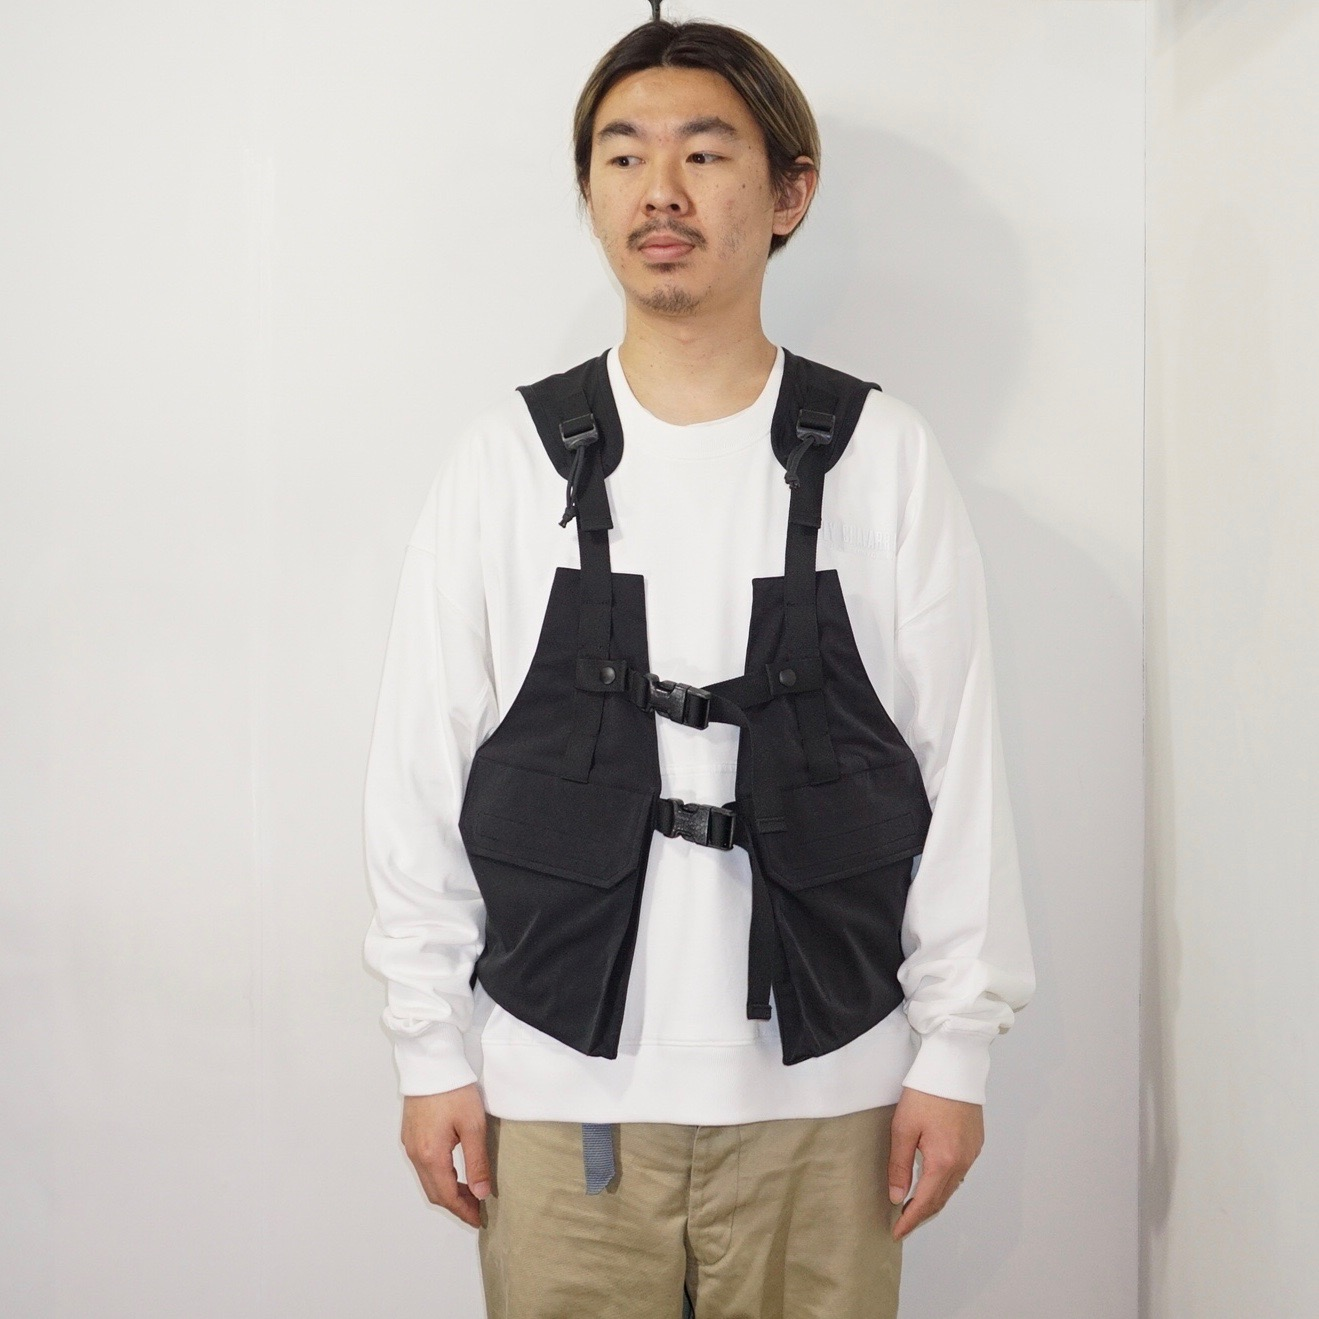 MOUT RECON (マウト リーコン テイラー)|Shooting Vest(シューティングベスト)